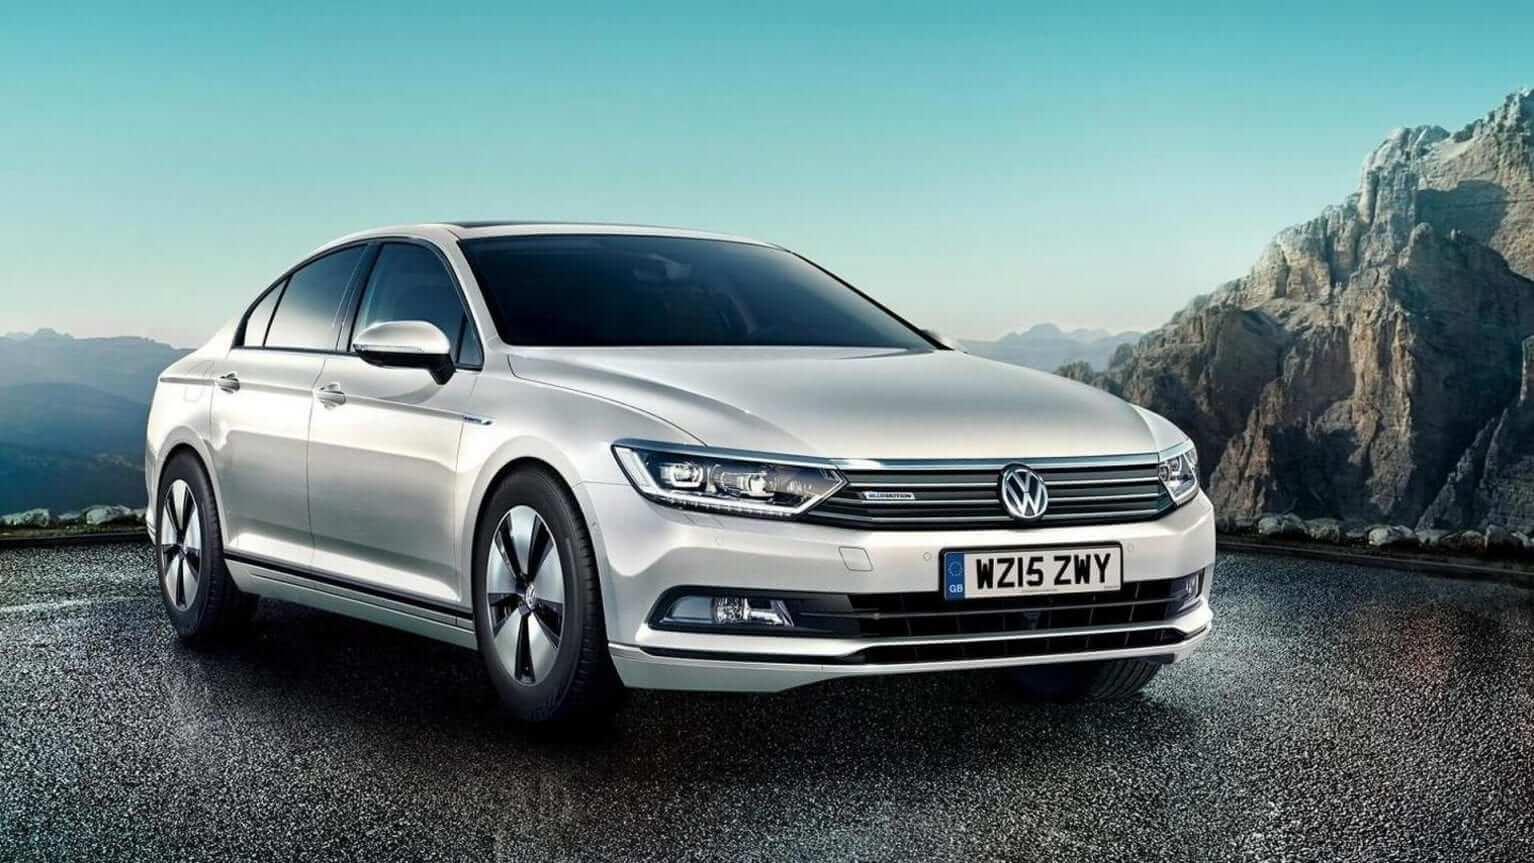 Volkswagen - Car Company Logos